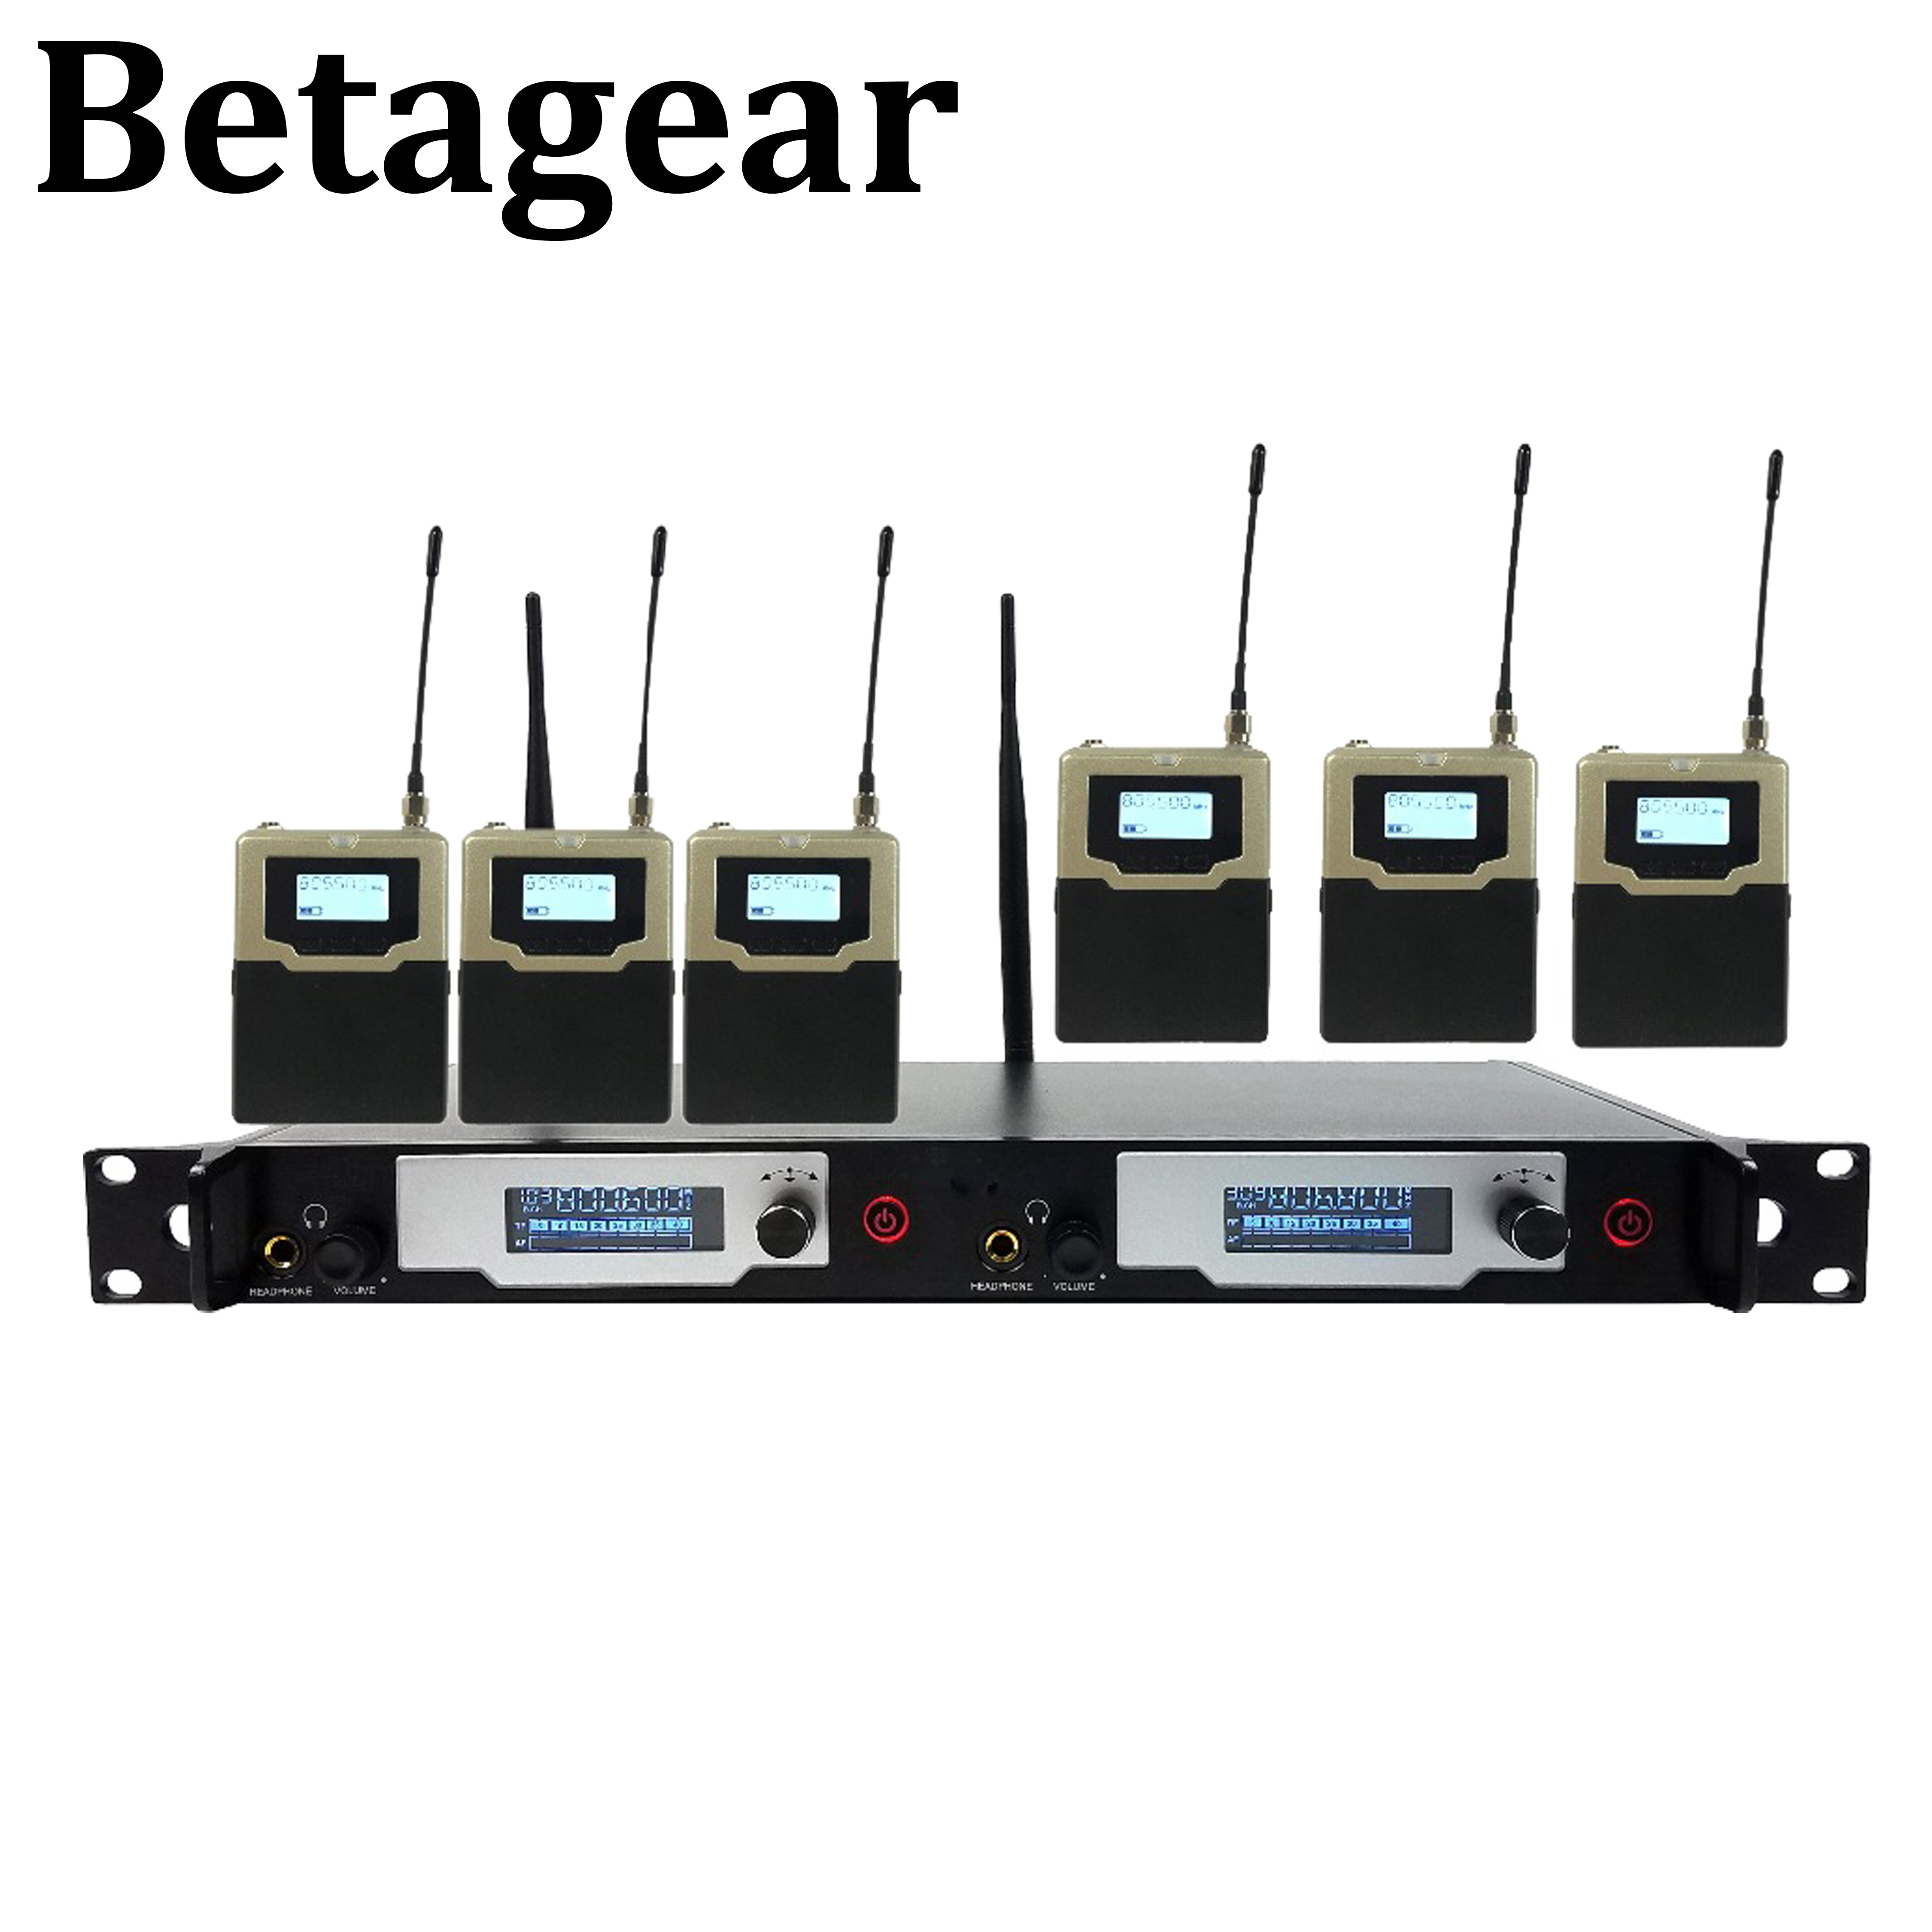 Betagear L9400 UHF IEM Bühne überwachung In ohr-monitor drahtlose system porfessioanl audio 5 empfänger für bühne leistung